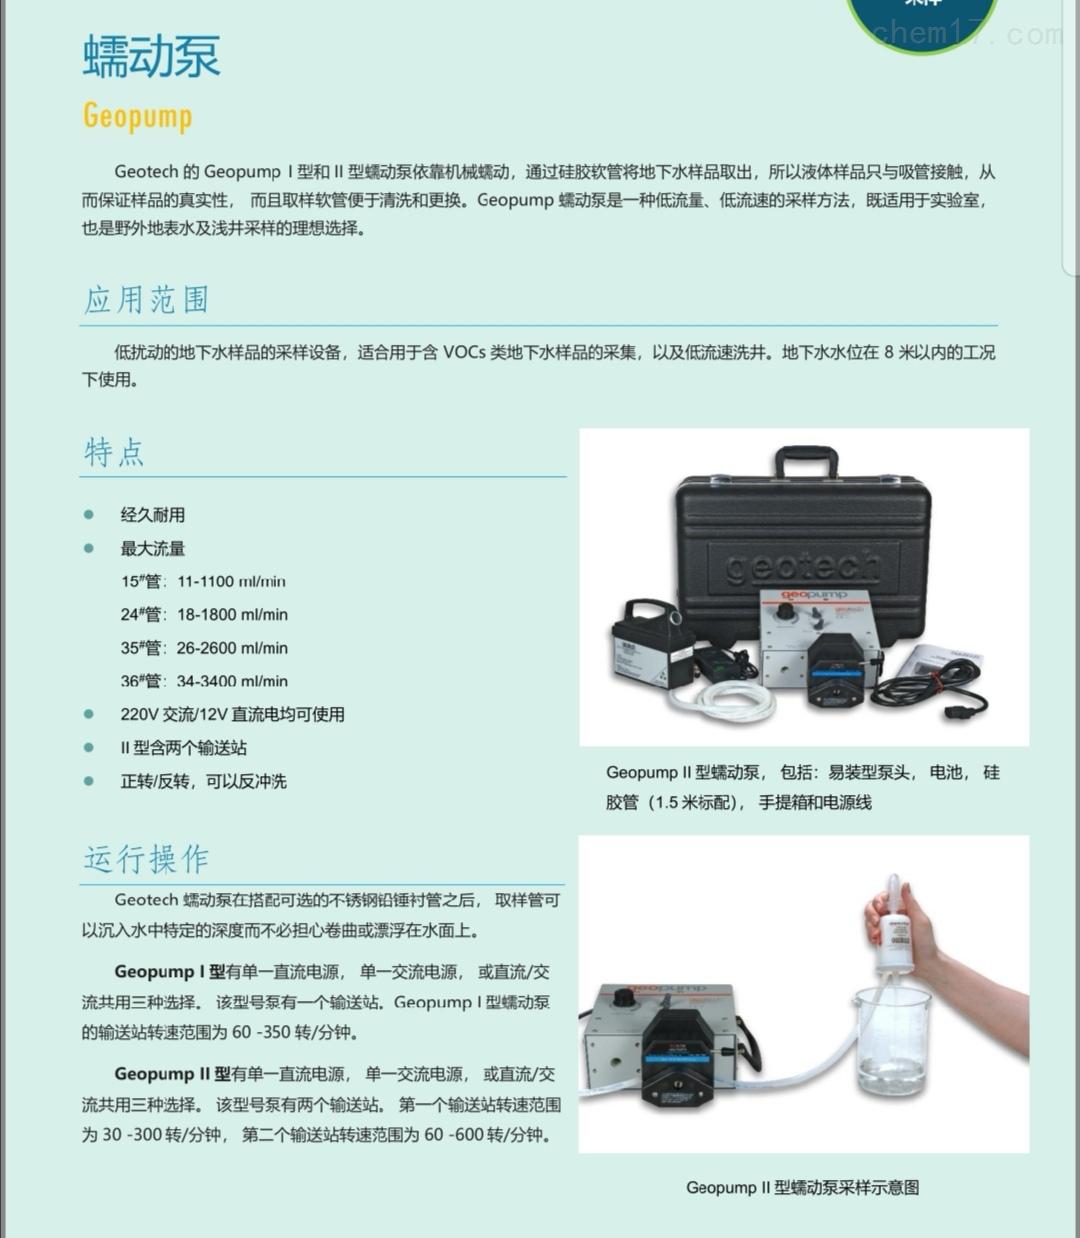 蠕动泵/电动潜水泵及控制器